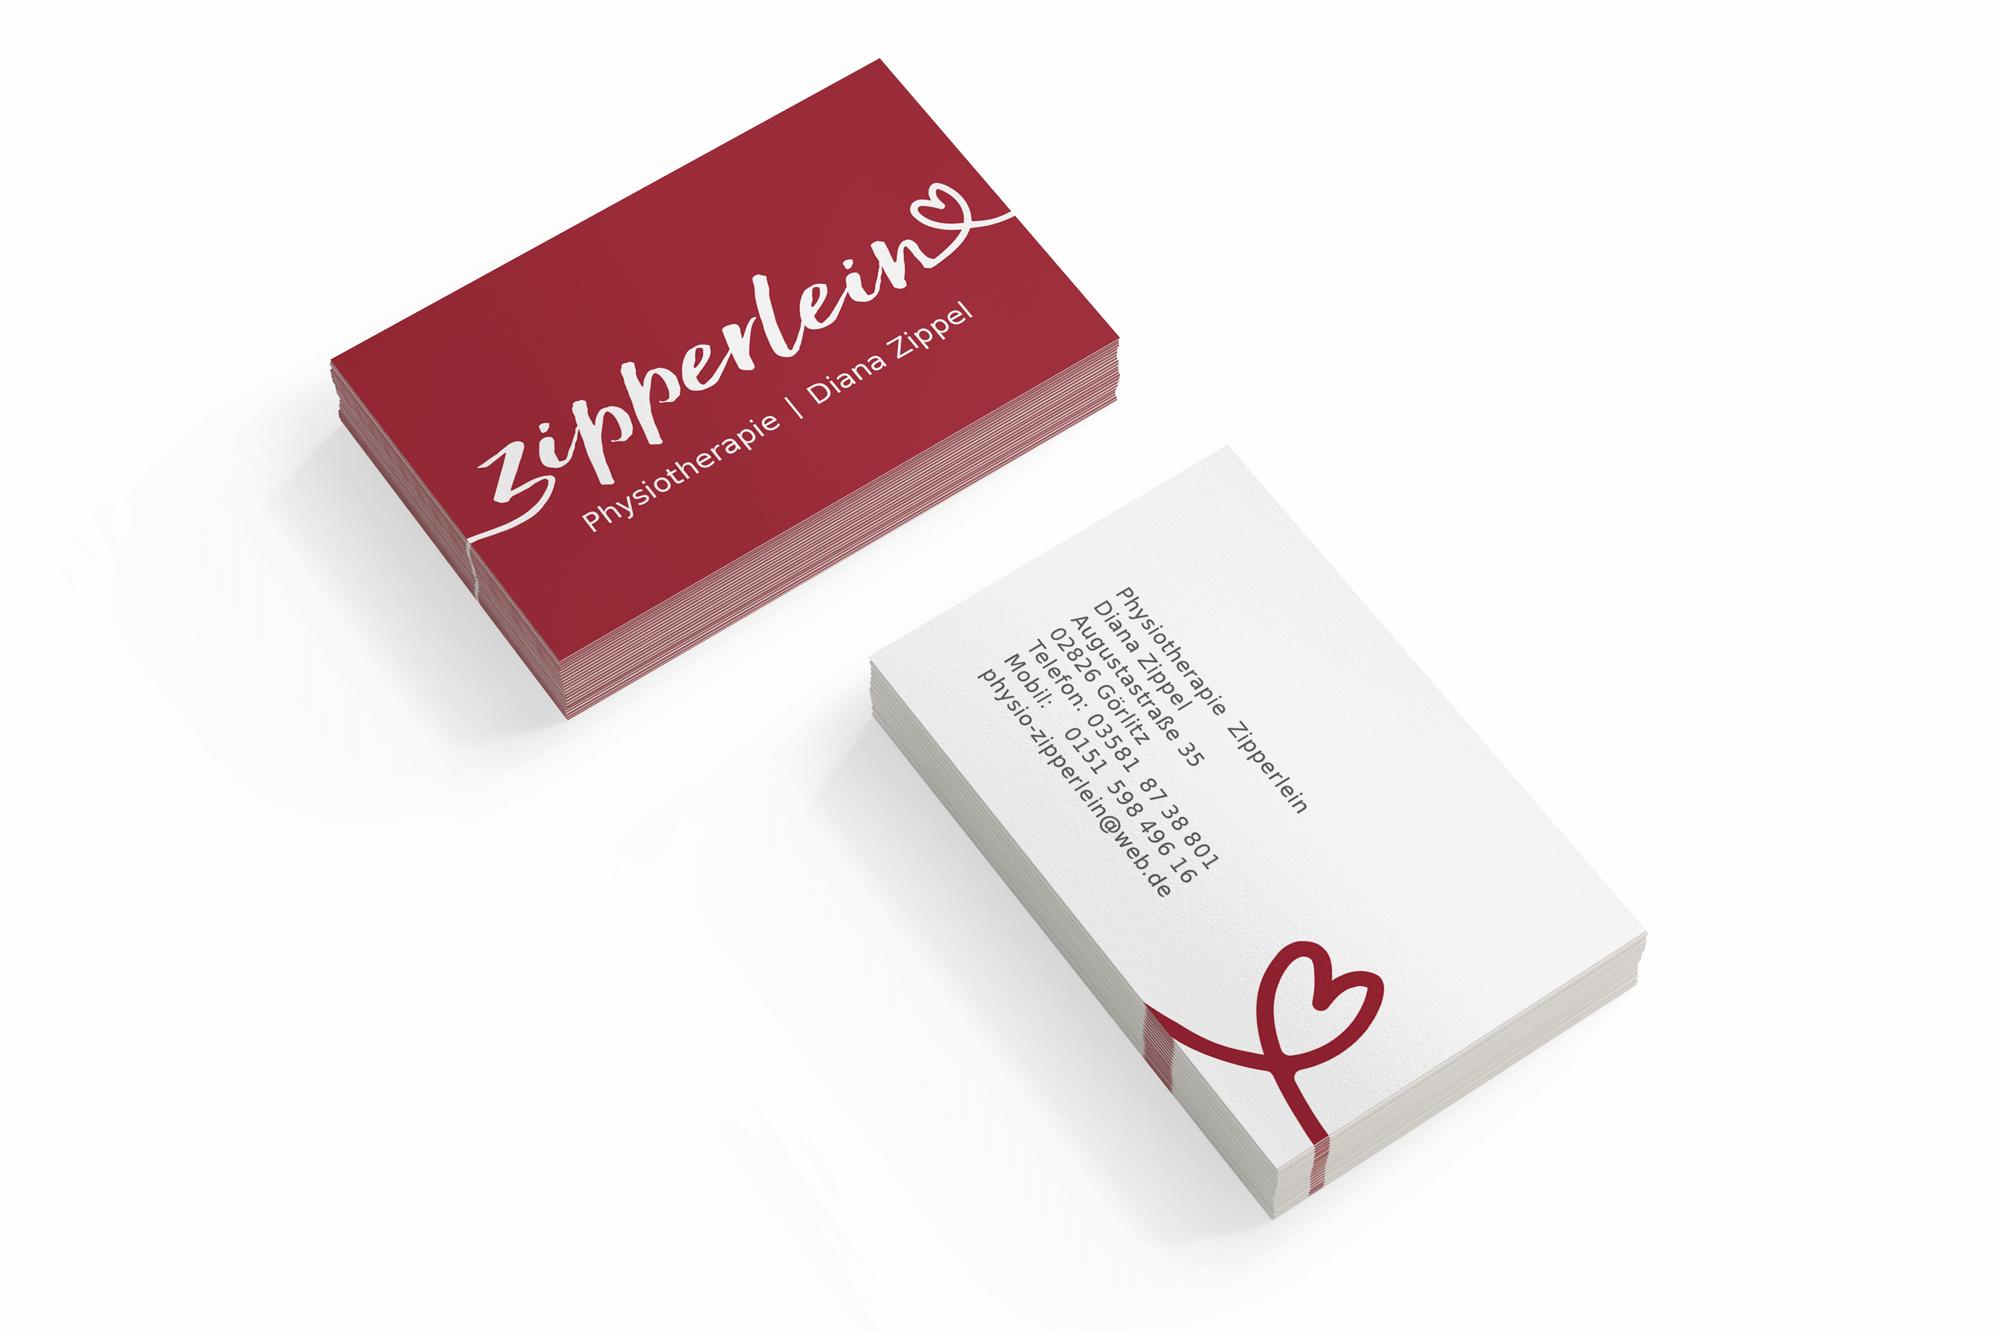 Erstellung Visitenkarte Werbung Grafik Design Görlitz